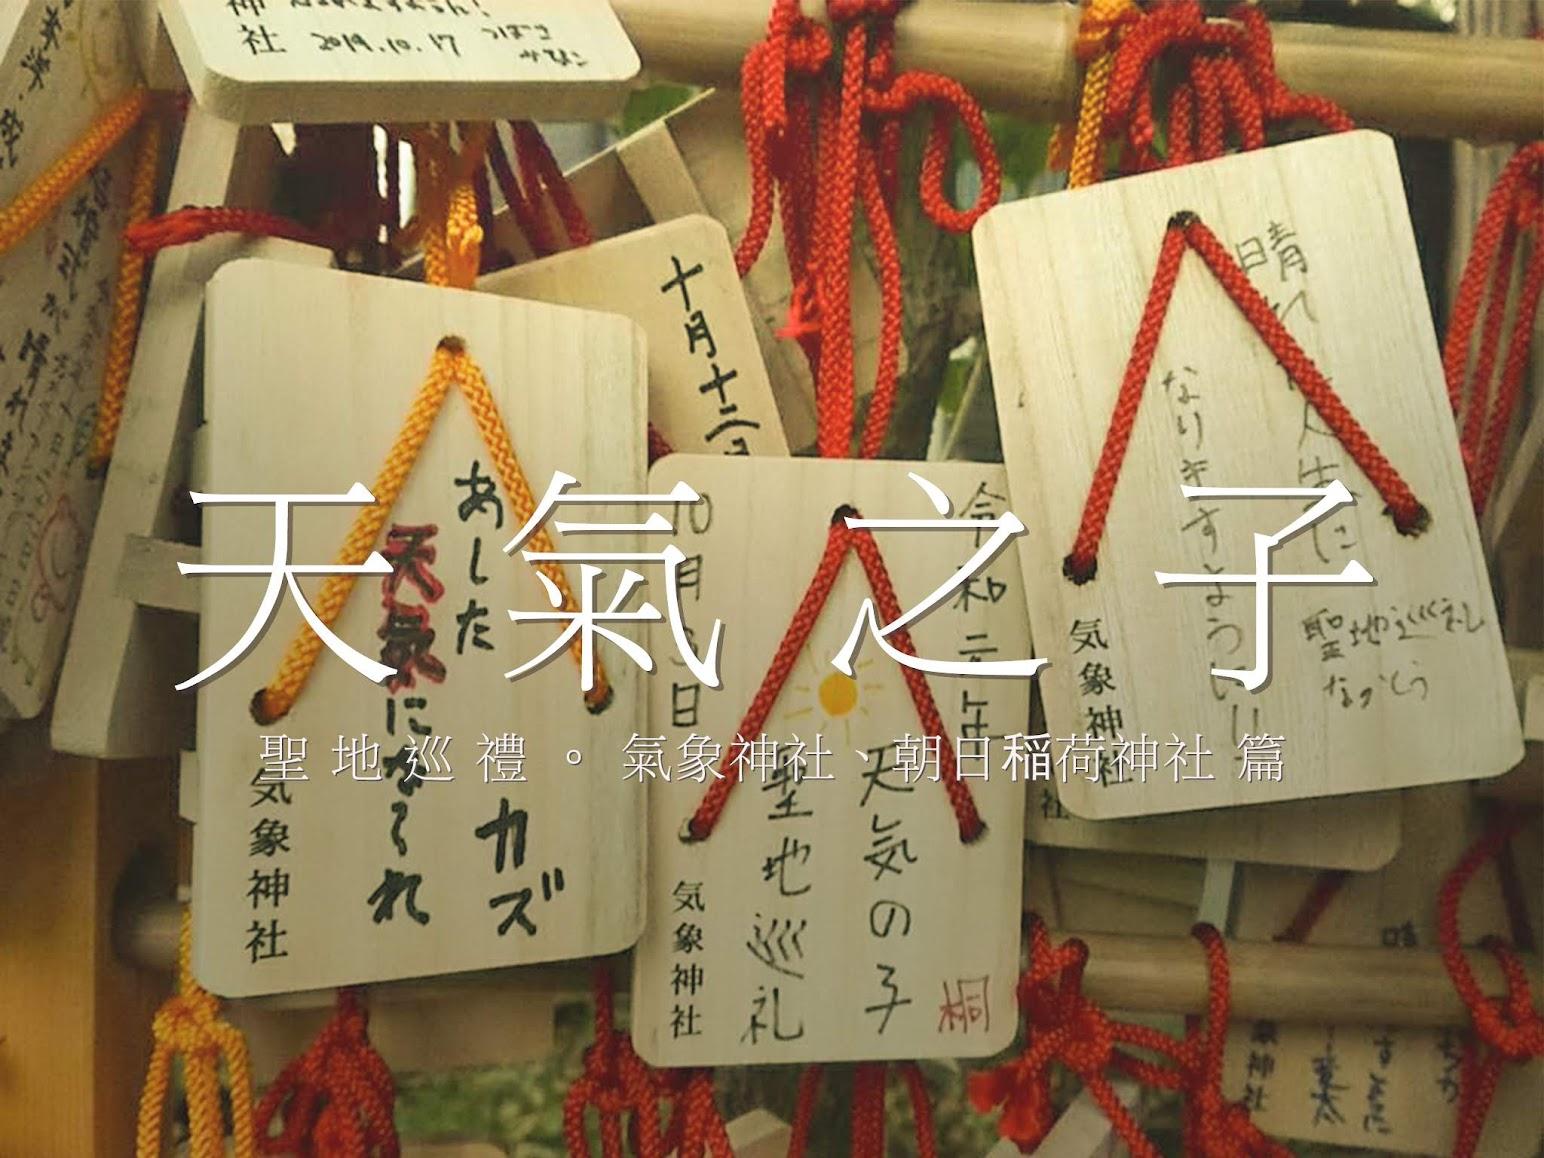 [迷迷日本] 《 天氣之子 》聖地巡禮 氣象神社、朝日稲荷神社、台場海濱公園…東京東半部